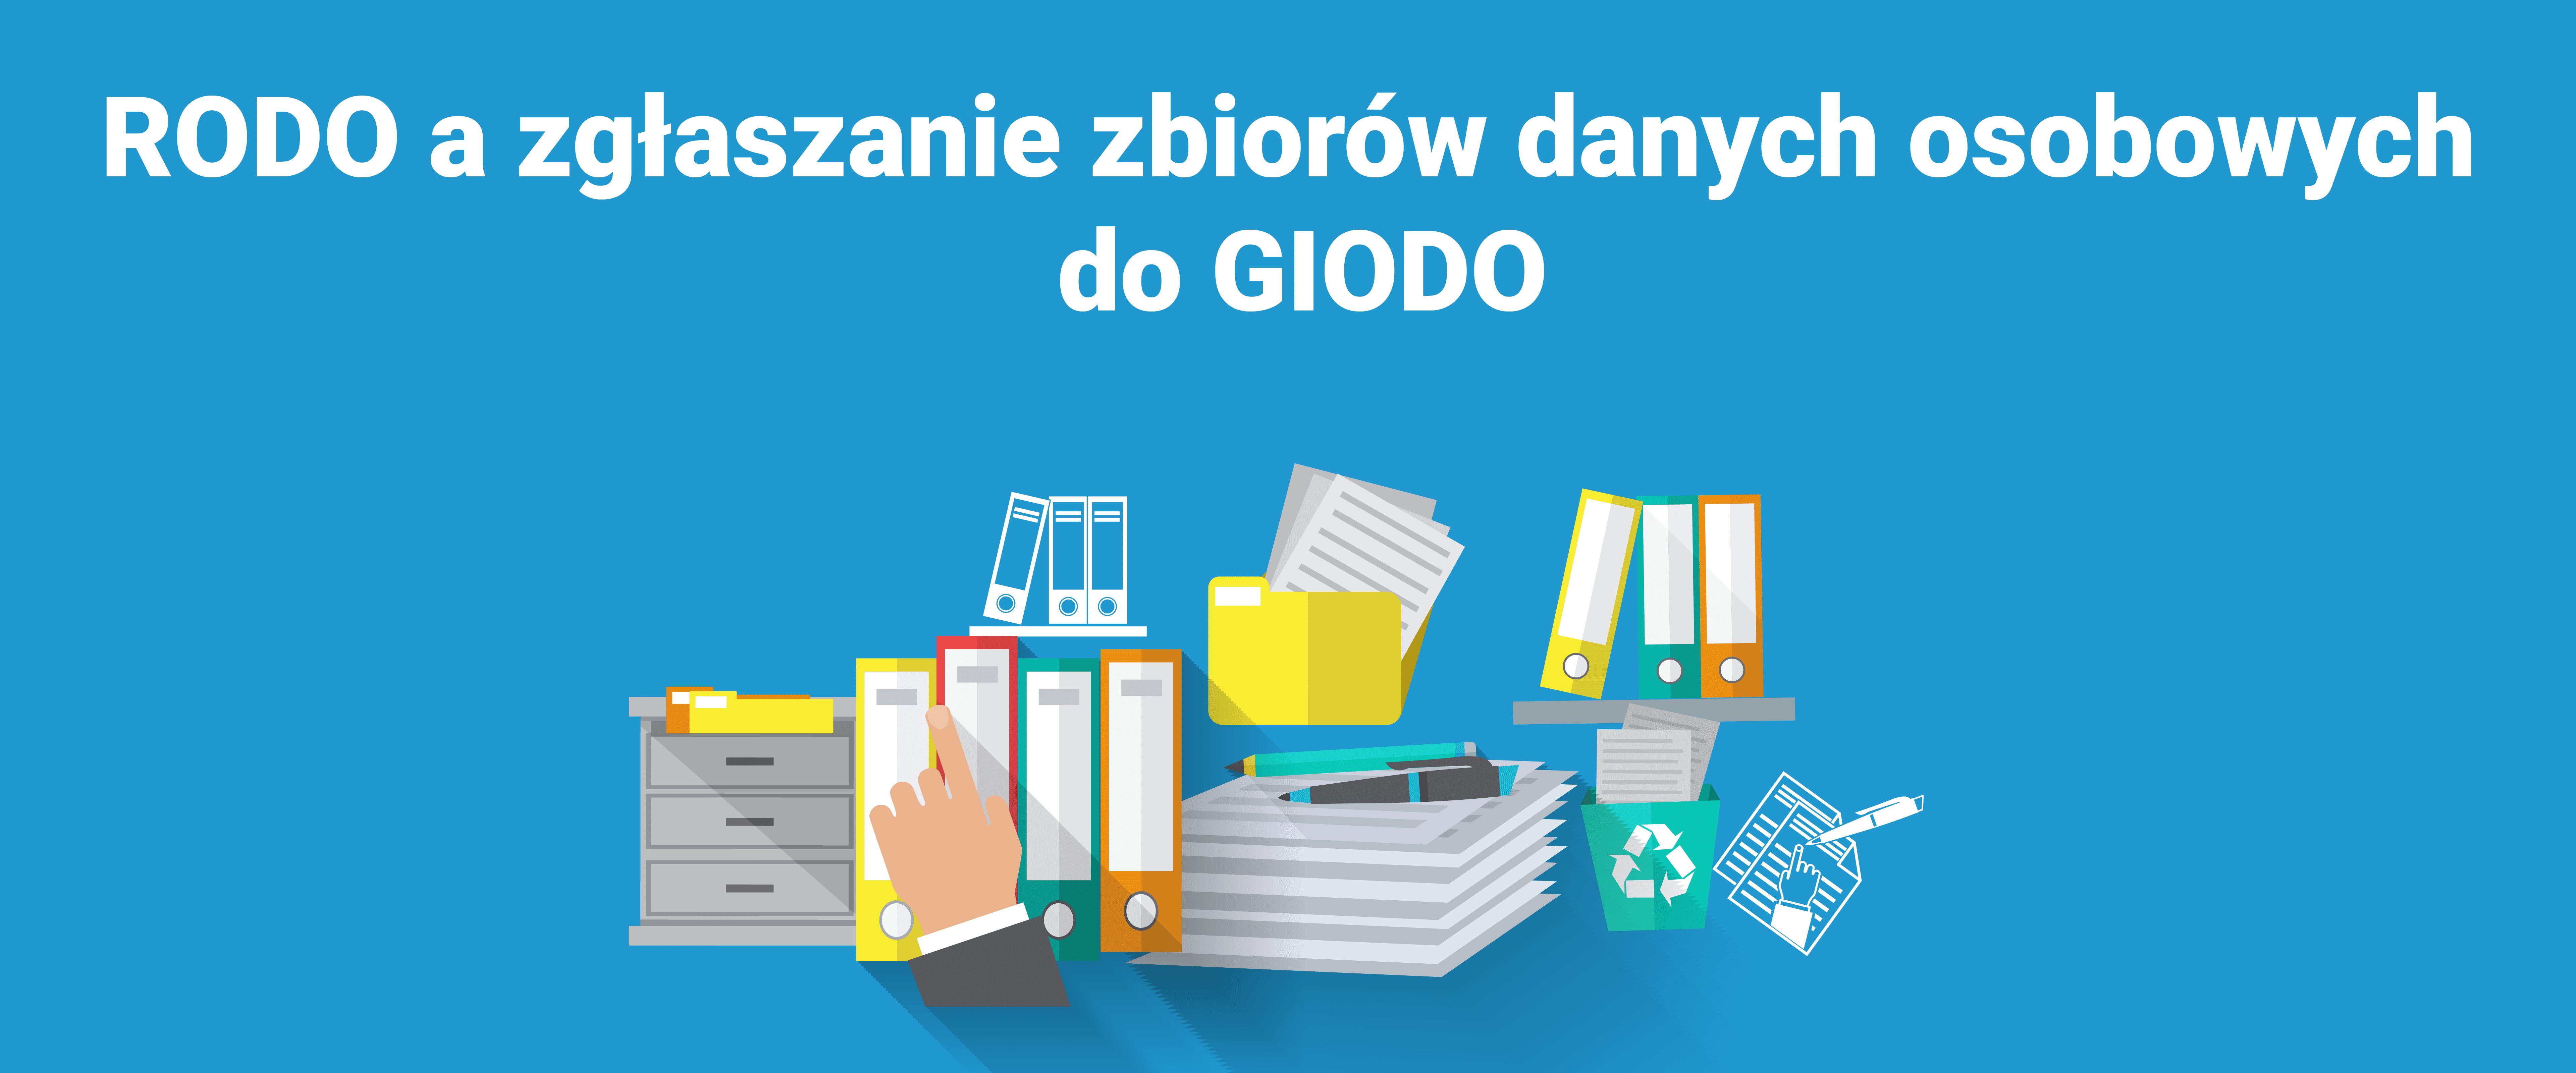 721ee43854fc33 RODO a zgłaszanie zbiorów danych do GIODO | Legal Geek